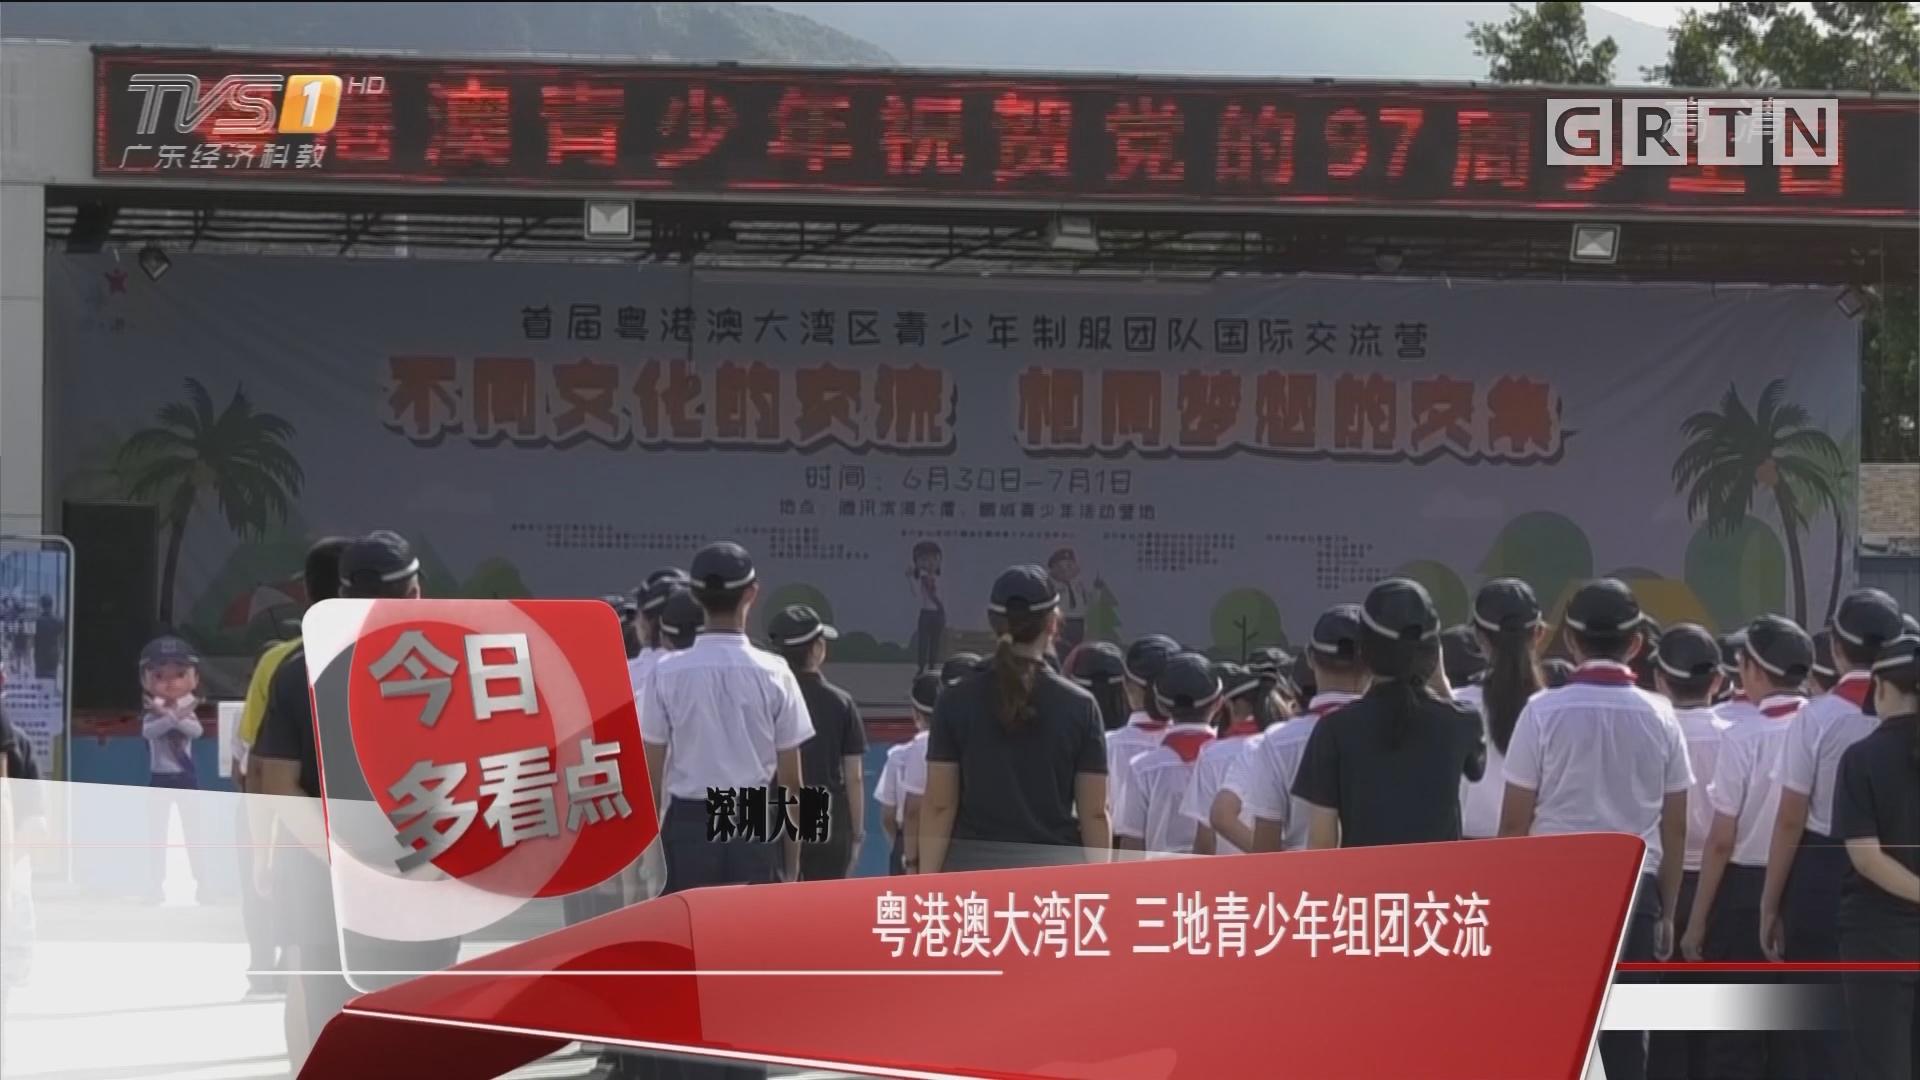 深圳大鹏:粤港澳大湾区 三地青少年组团交流